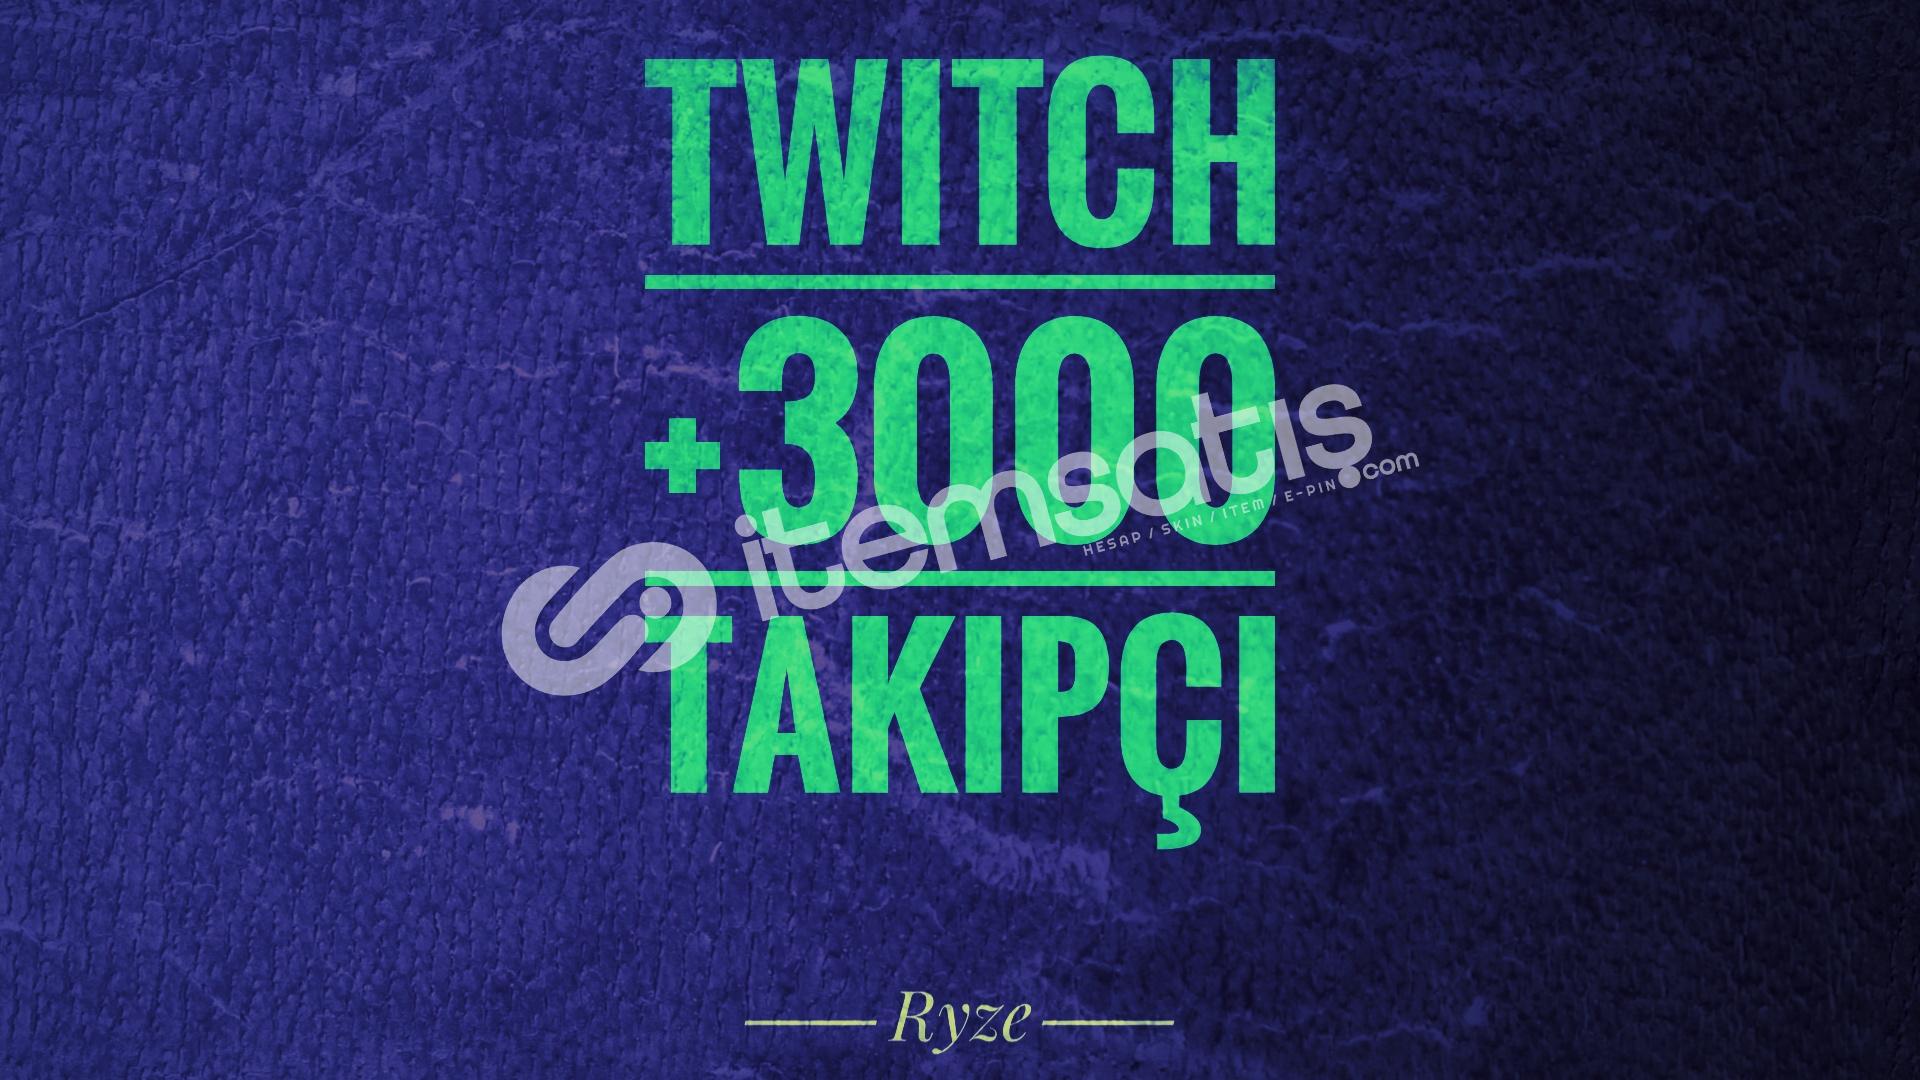 Twitch +3000 Global Takipçi